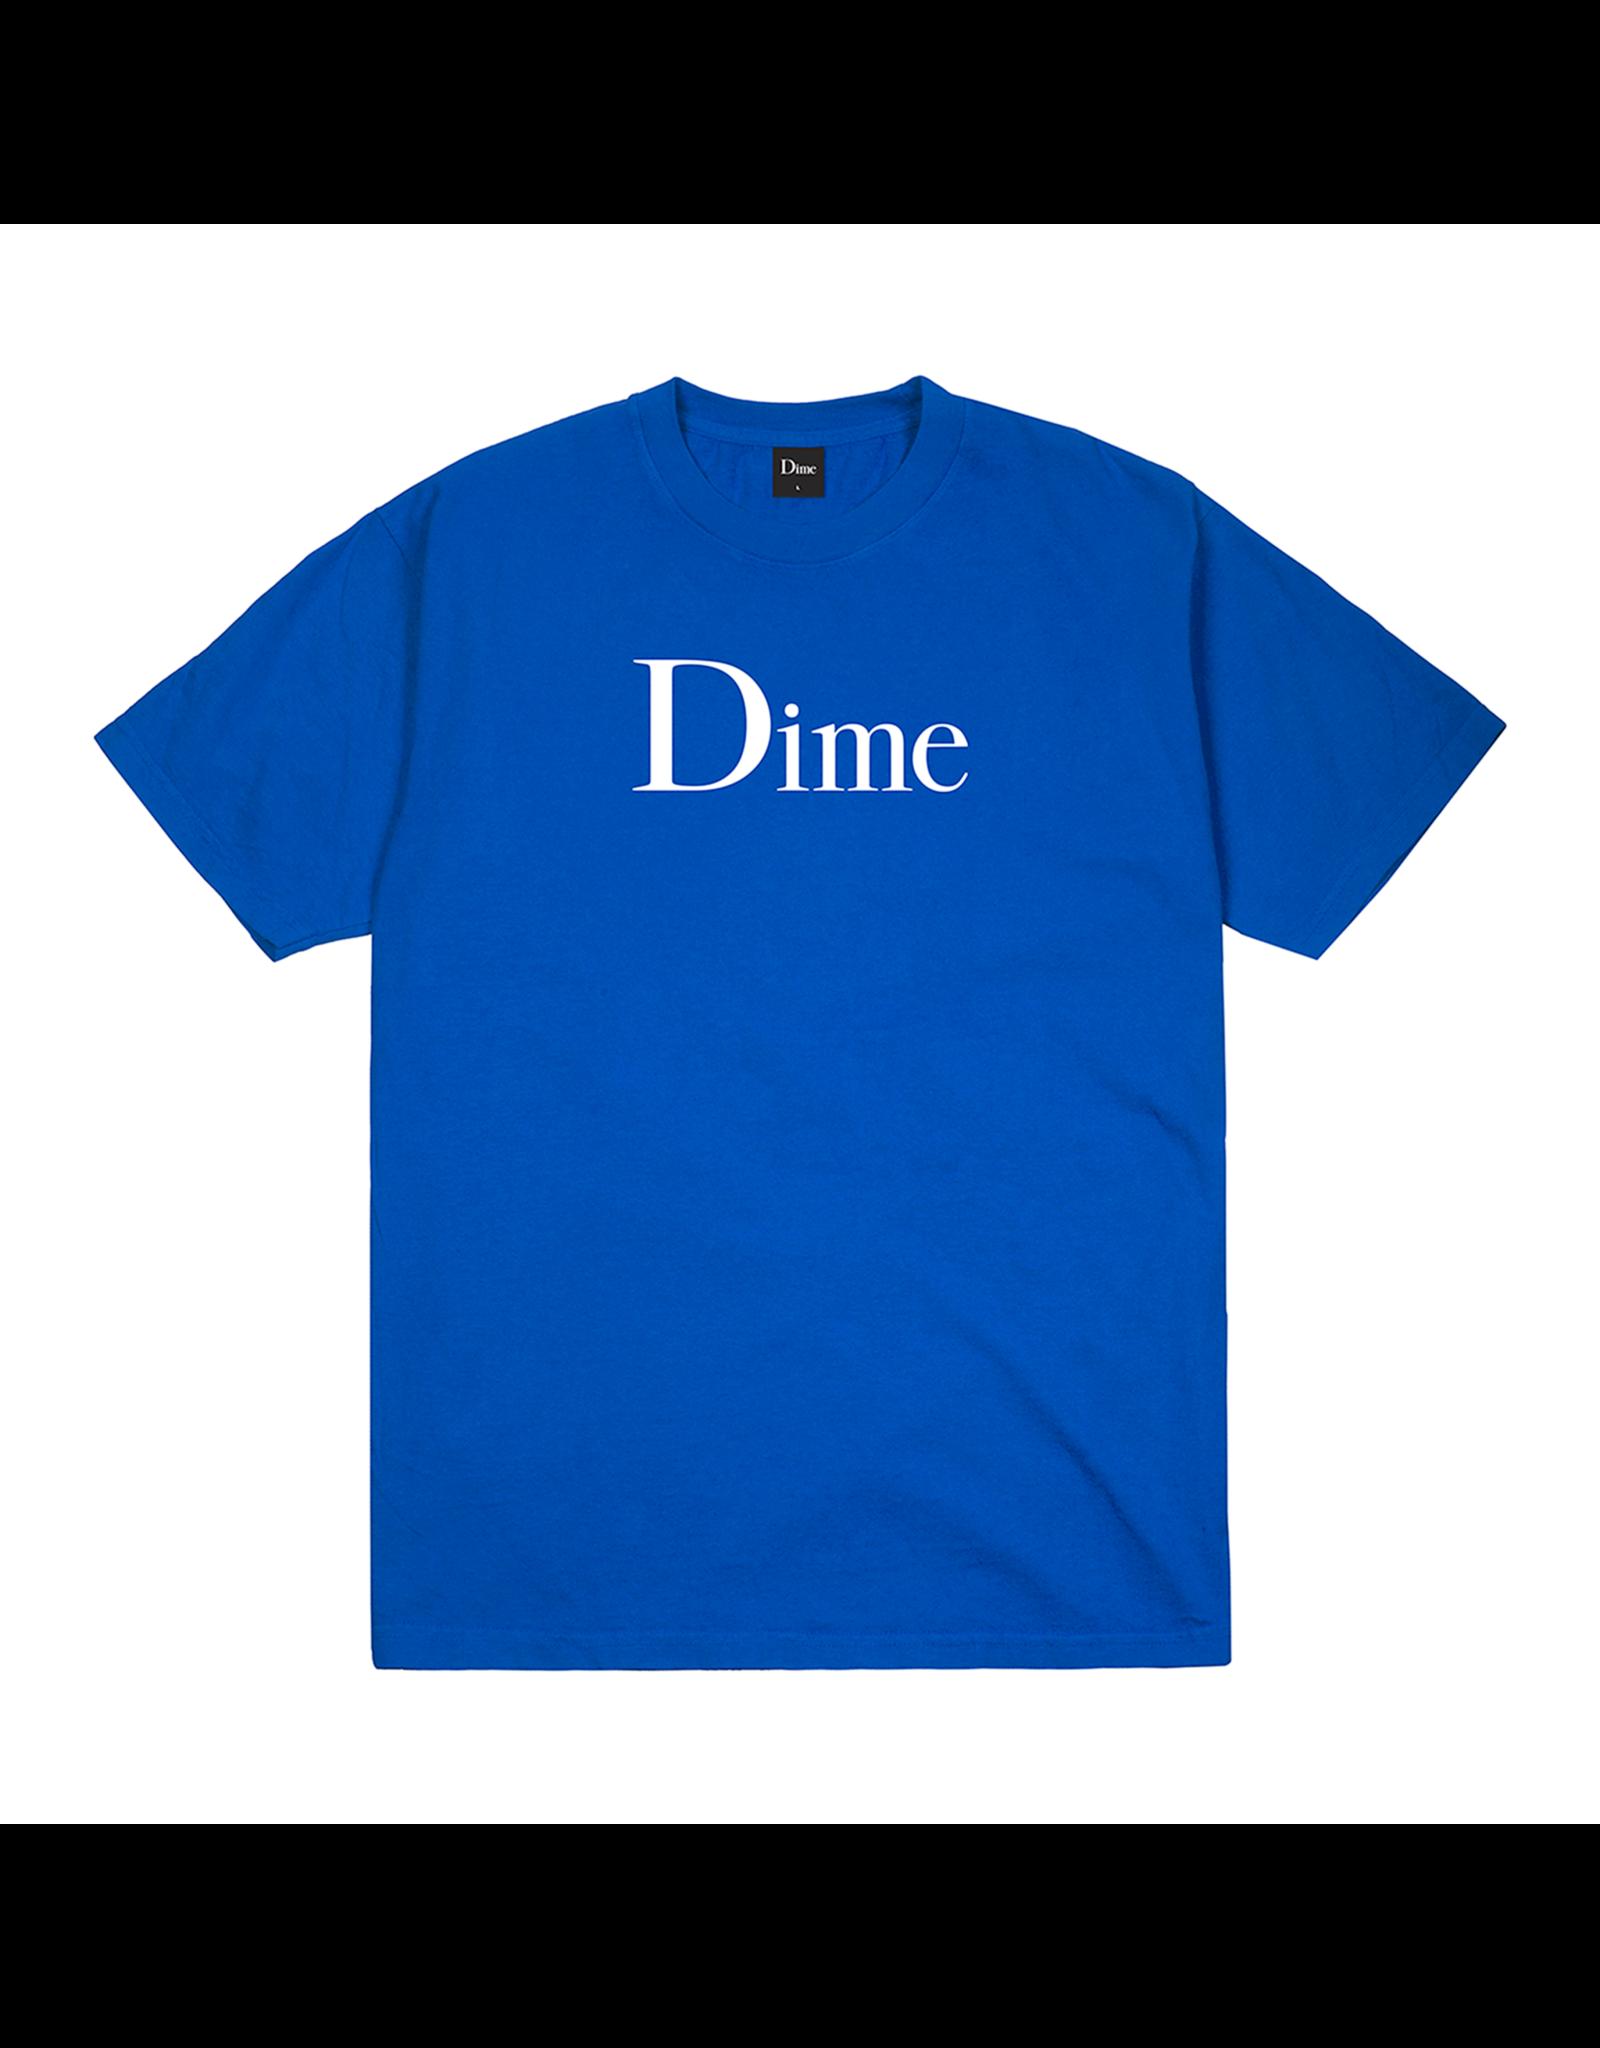 DIME DIME T-SHIRT COBALT